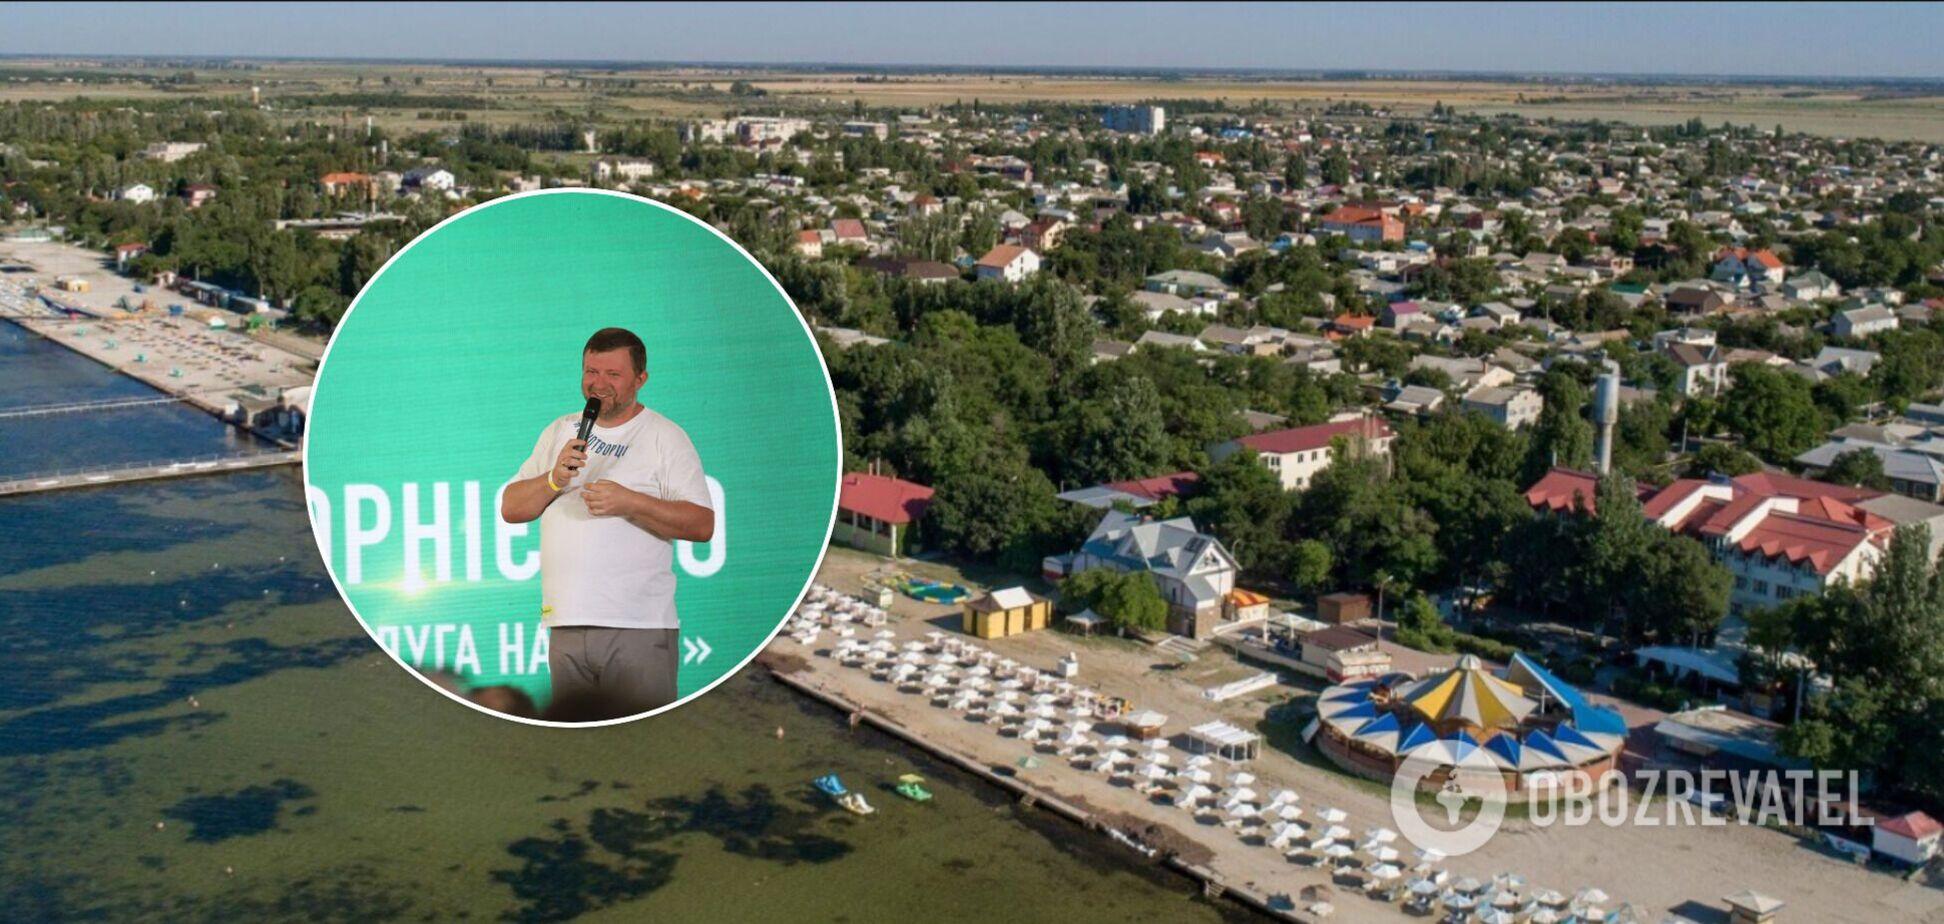 'Слуга народу' організувала триденний табір для молоді в Скадовську: названо мету заходу. Відео